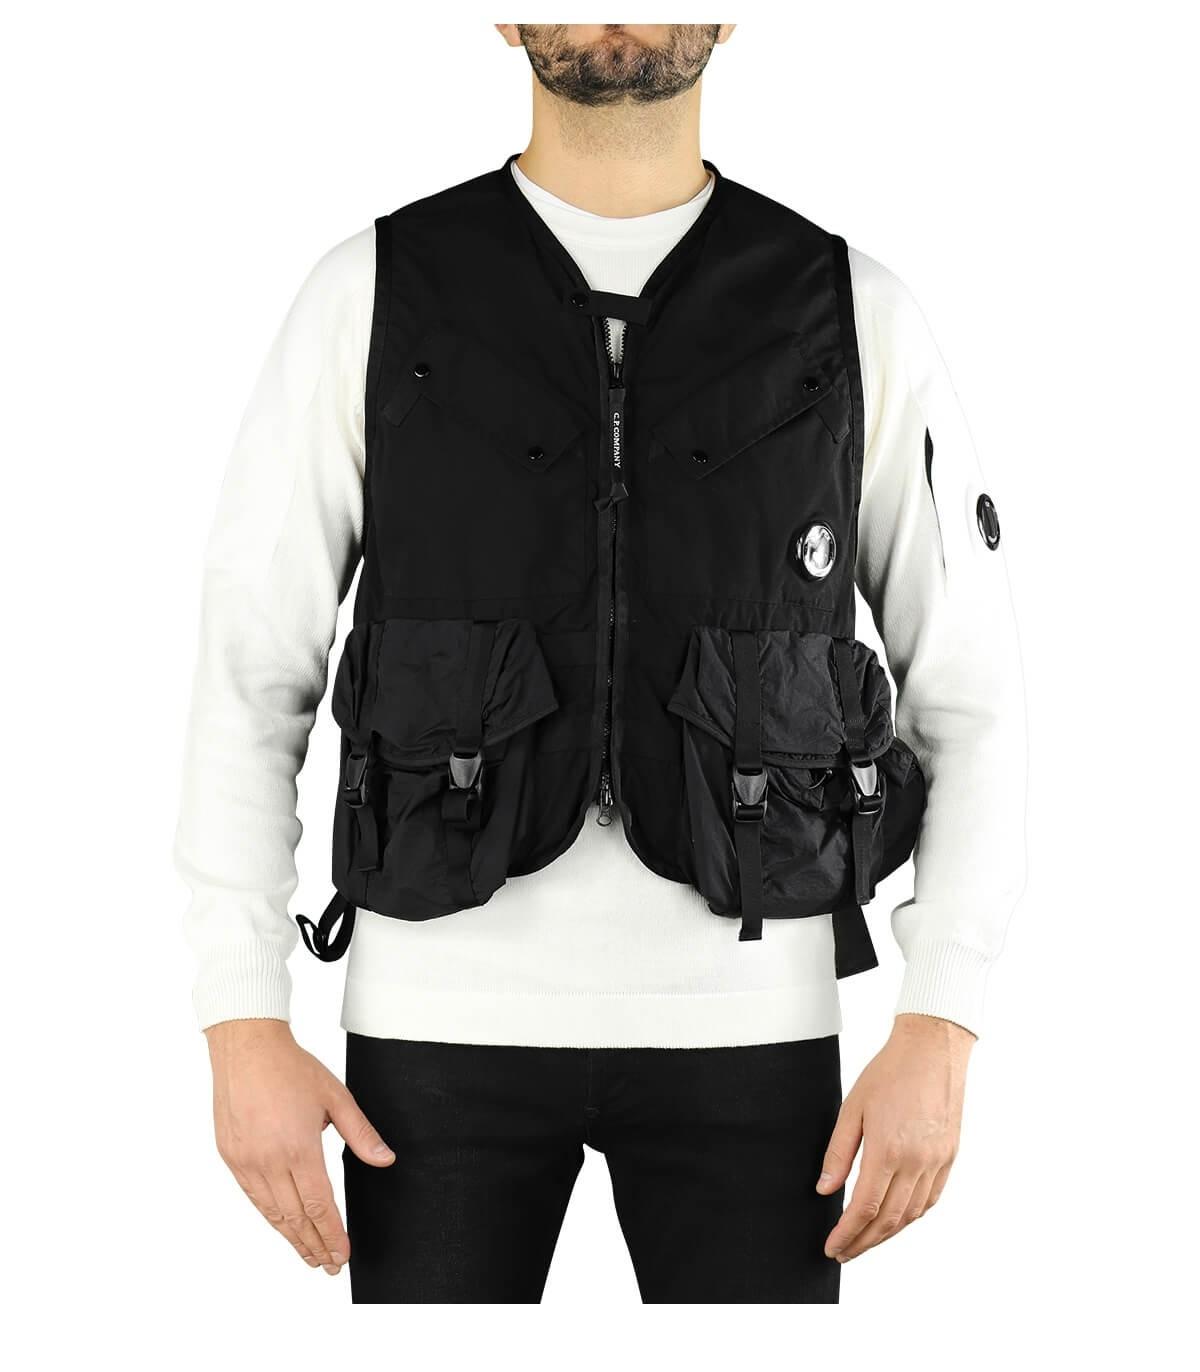 C.p. Company Vests TAYLON P BLACK VEST